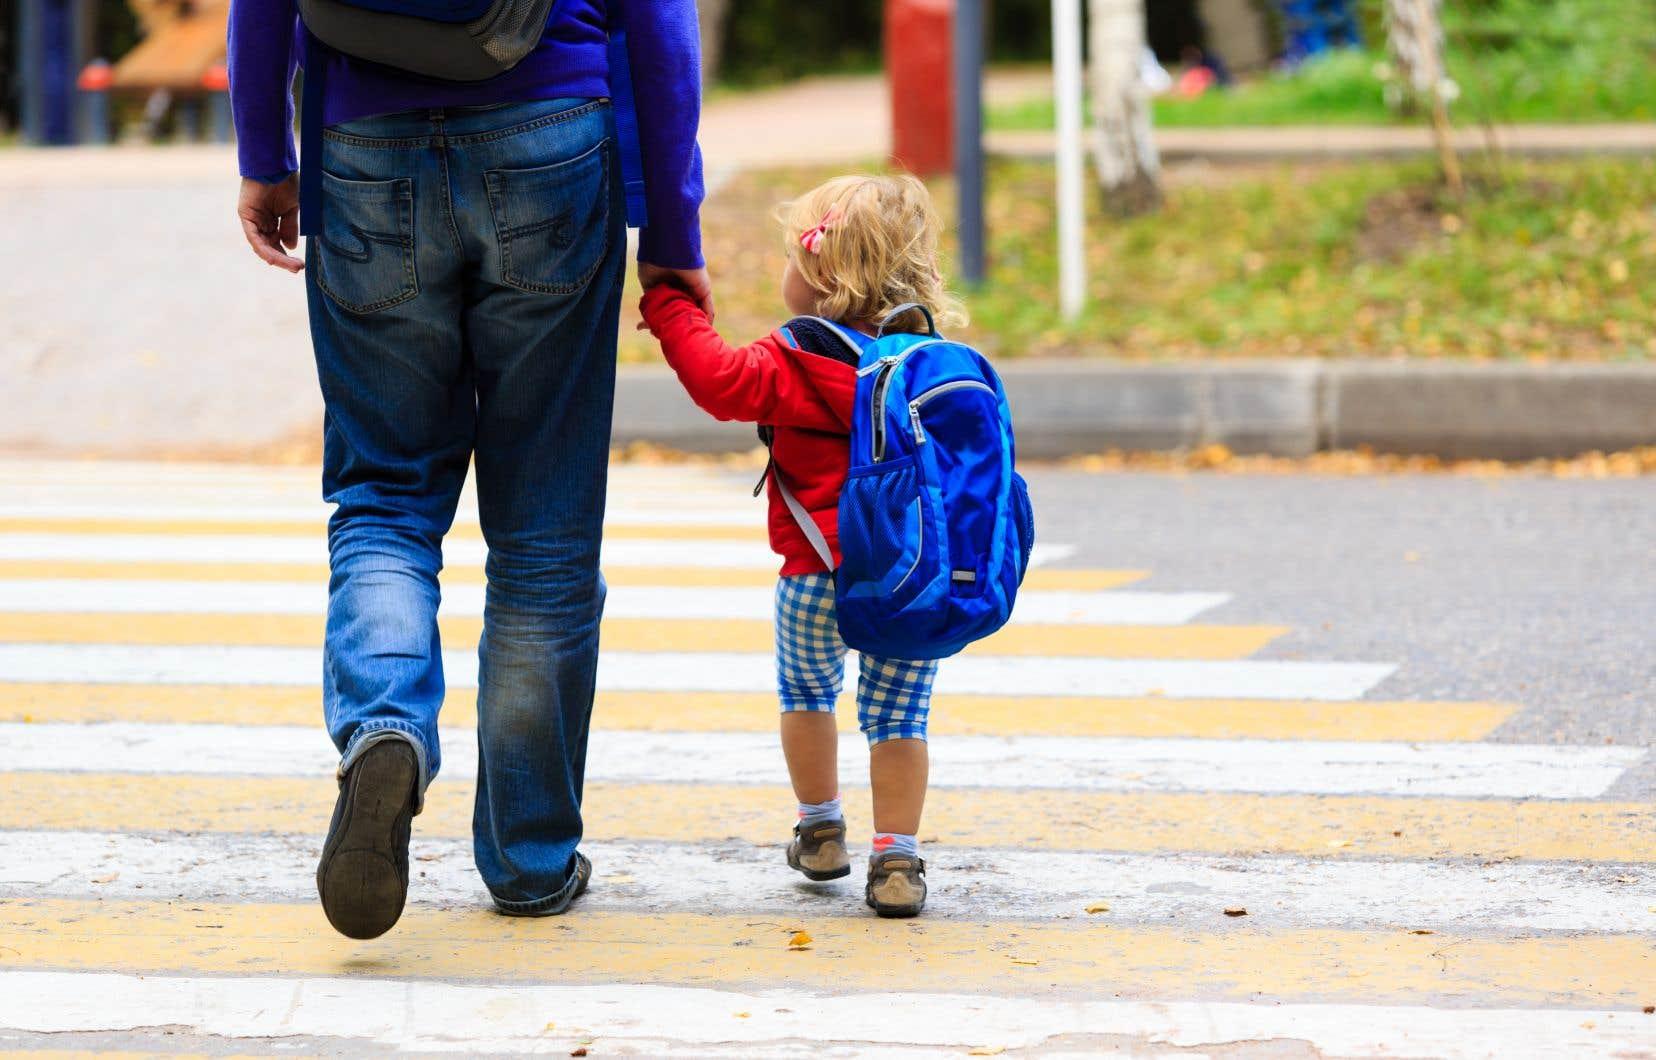 «La maternelle 4ans n'est pas un modèle à portée universelle. Elle ne remplace pas le magnifique travail accompli dans les CPE où se détectent, bien avant 4ans, d'éventuelles carences», juge l'ex-ministre de l'Éducation.